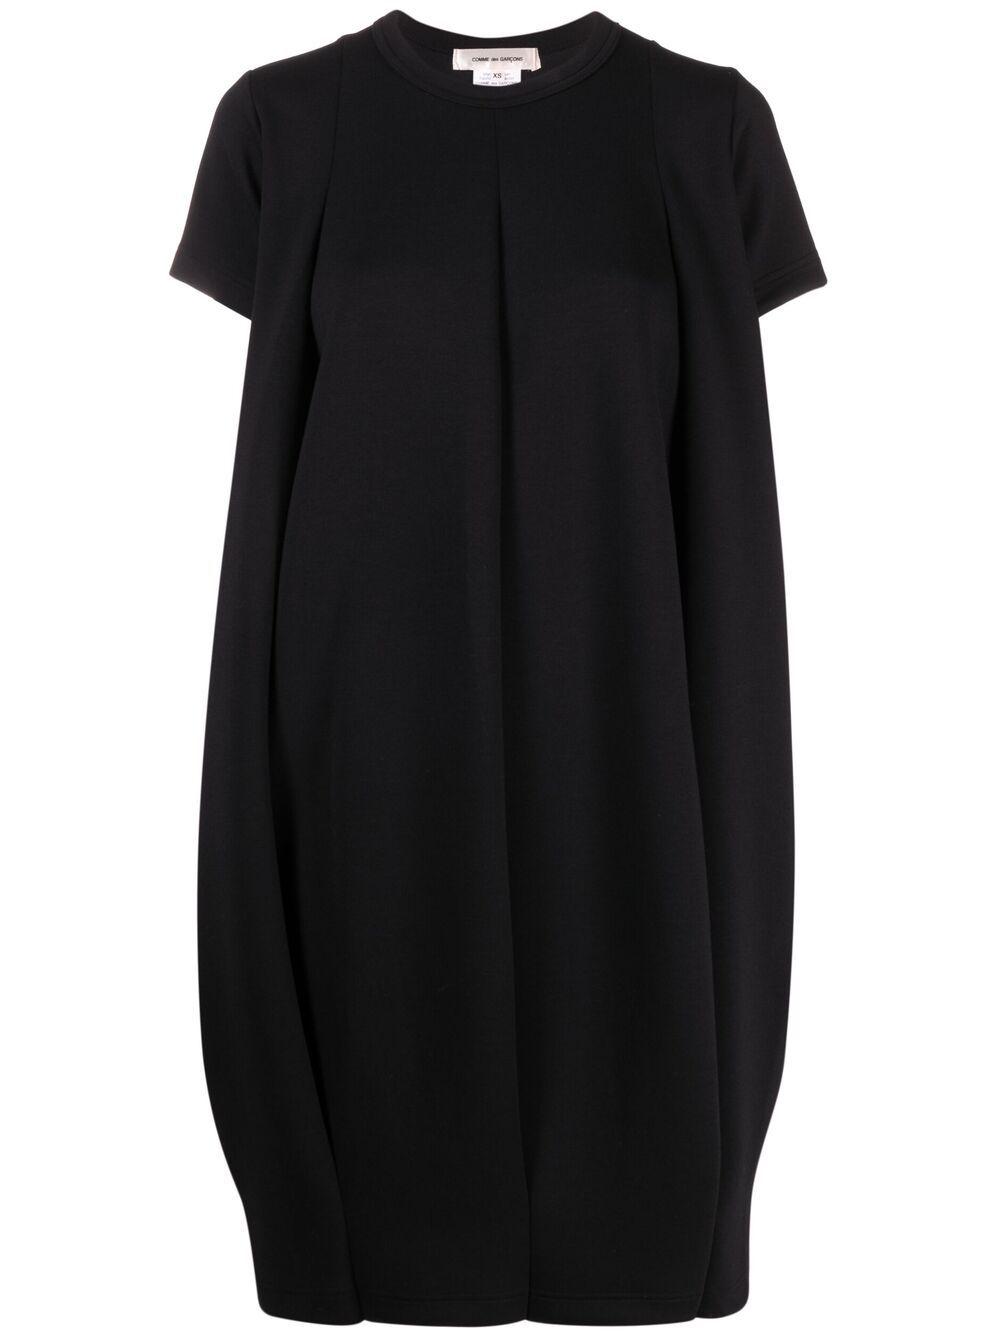 COMME DES GARCONS | Dress | GG-T011-0511